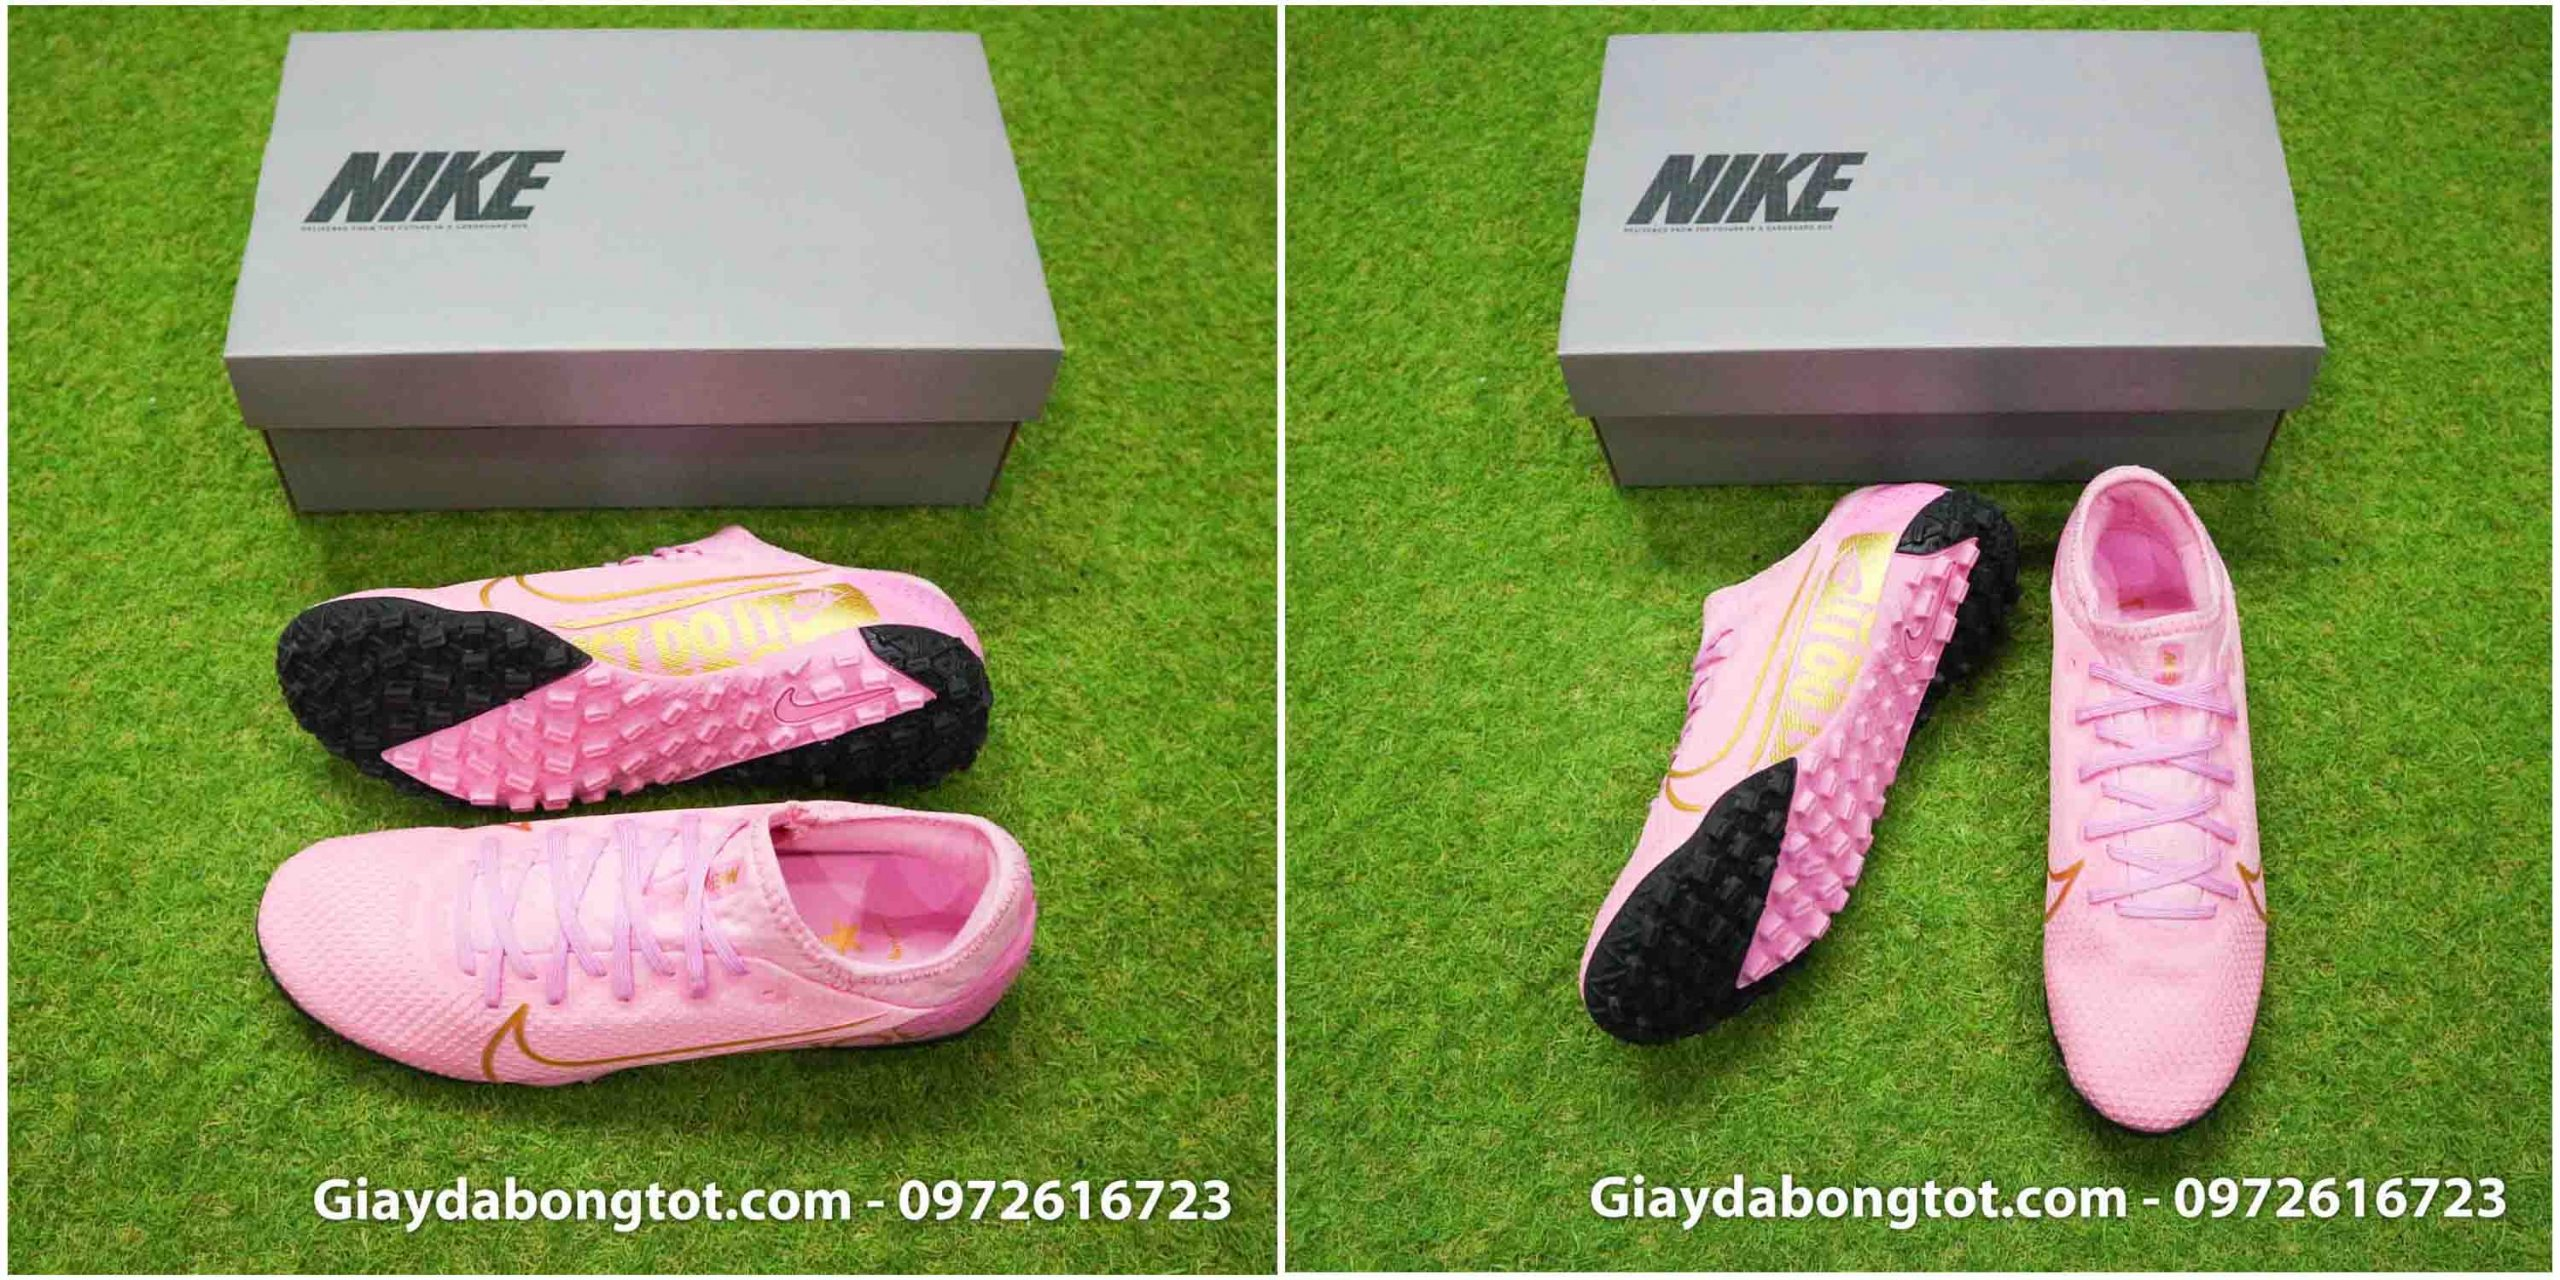 Giày Nike Mercurial Vapor 13 Pro TF màu hồng phấn đẹp mắt